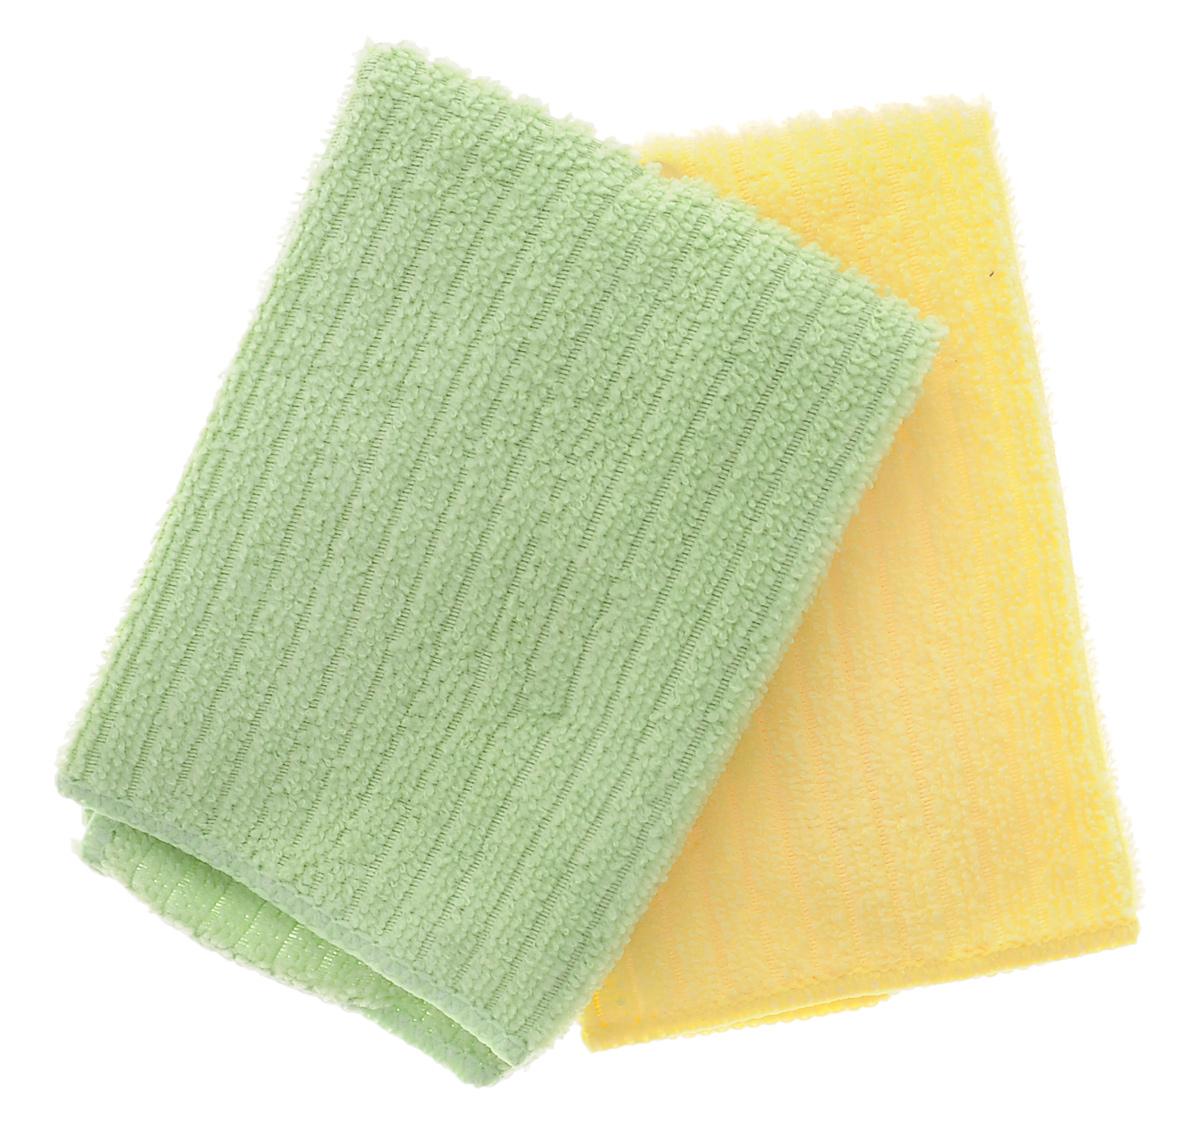 Салфетка из микрофибры Home Queen, цвет: желтый, зеленый, 30 х 30 см, 2 шт57048_желтый, зеленыйСалфетка Home Queen изготовлена из микрофибры. Это великолепная гипоаллергенная ткань, изготовленная из тончайших полимерных микроволокон. Салфетка из микрофибры может поглощать количество пыли и влаги, в 7 раз превышающее ее собственный вес. Многочисленные поры между микроволокнами, благодаря капиллярному эффекту, мгновенно впитывают воду, подобно губке. Благодаря мелким порам микроволокна, любые капельки, остающиеся на чистящей поверхности очень быстро испаряются и остается чистая дорожка без полос и разводов. В сухом виде при вытирании поверхности волокна микрофибры электризуются и притягивают к себе микробов, мельчайшие частицы пыли и грязи, удерживая их в своих микропорах.Размер салфетки: 30 см х 30 см.